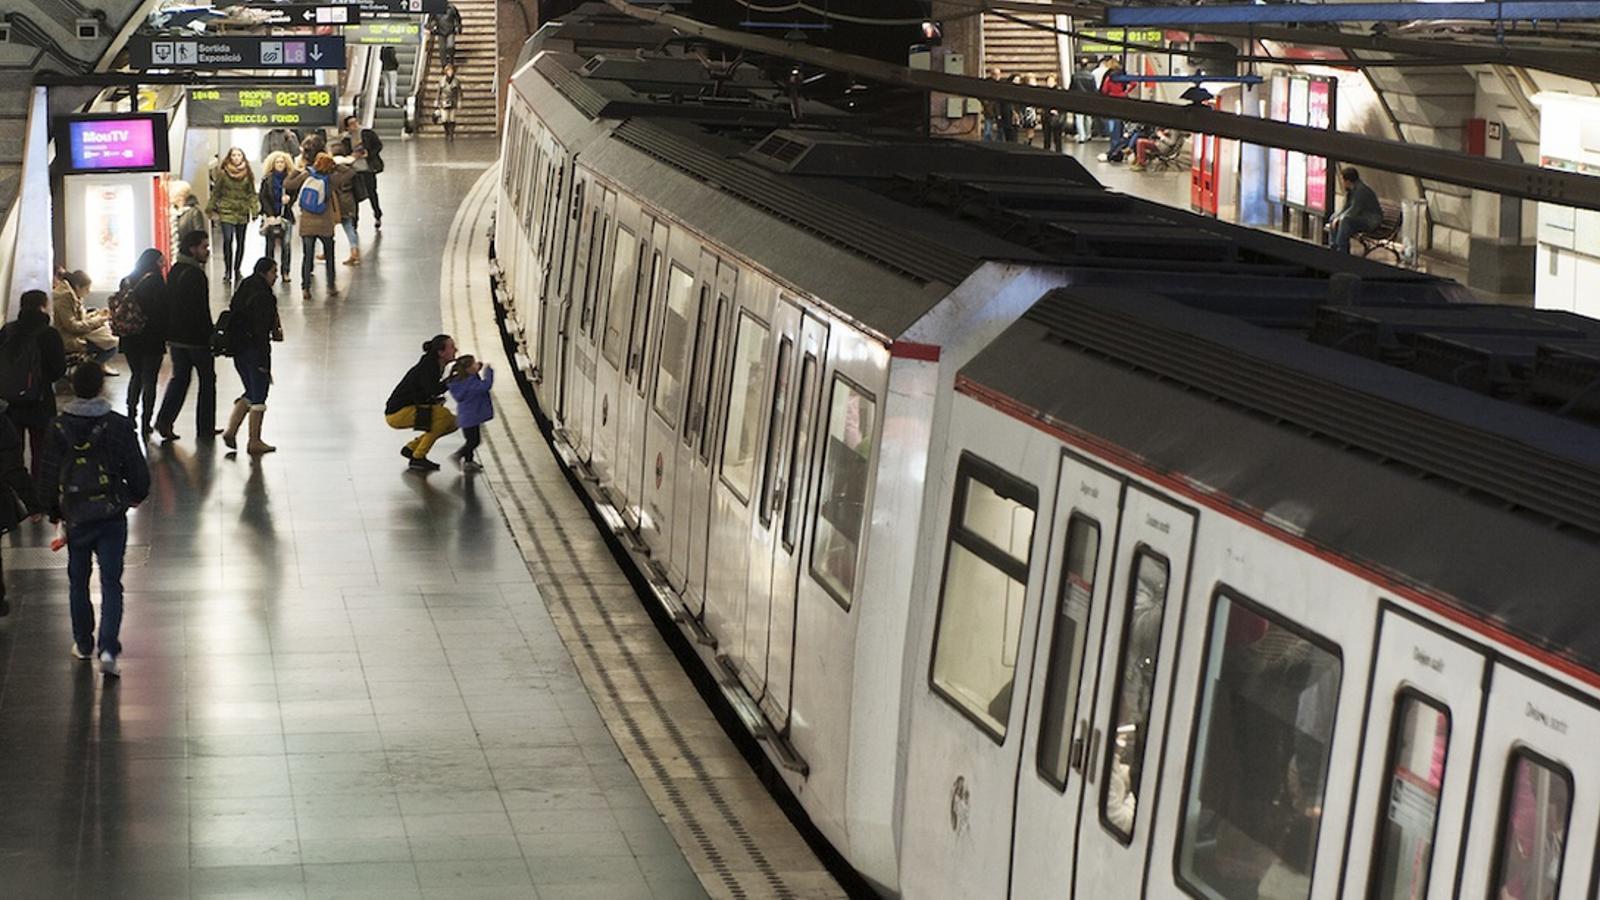 L'estació de plaça Espanya del metro / FRANCESC MELCIÓN